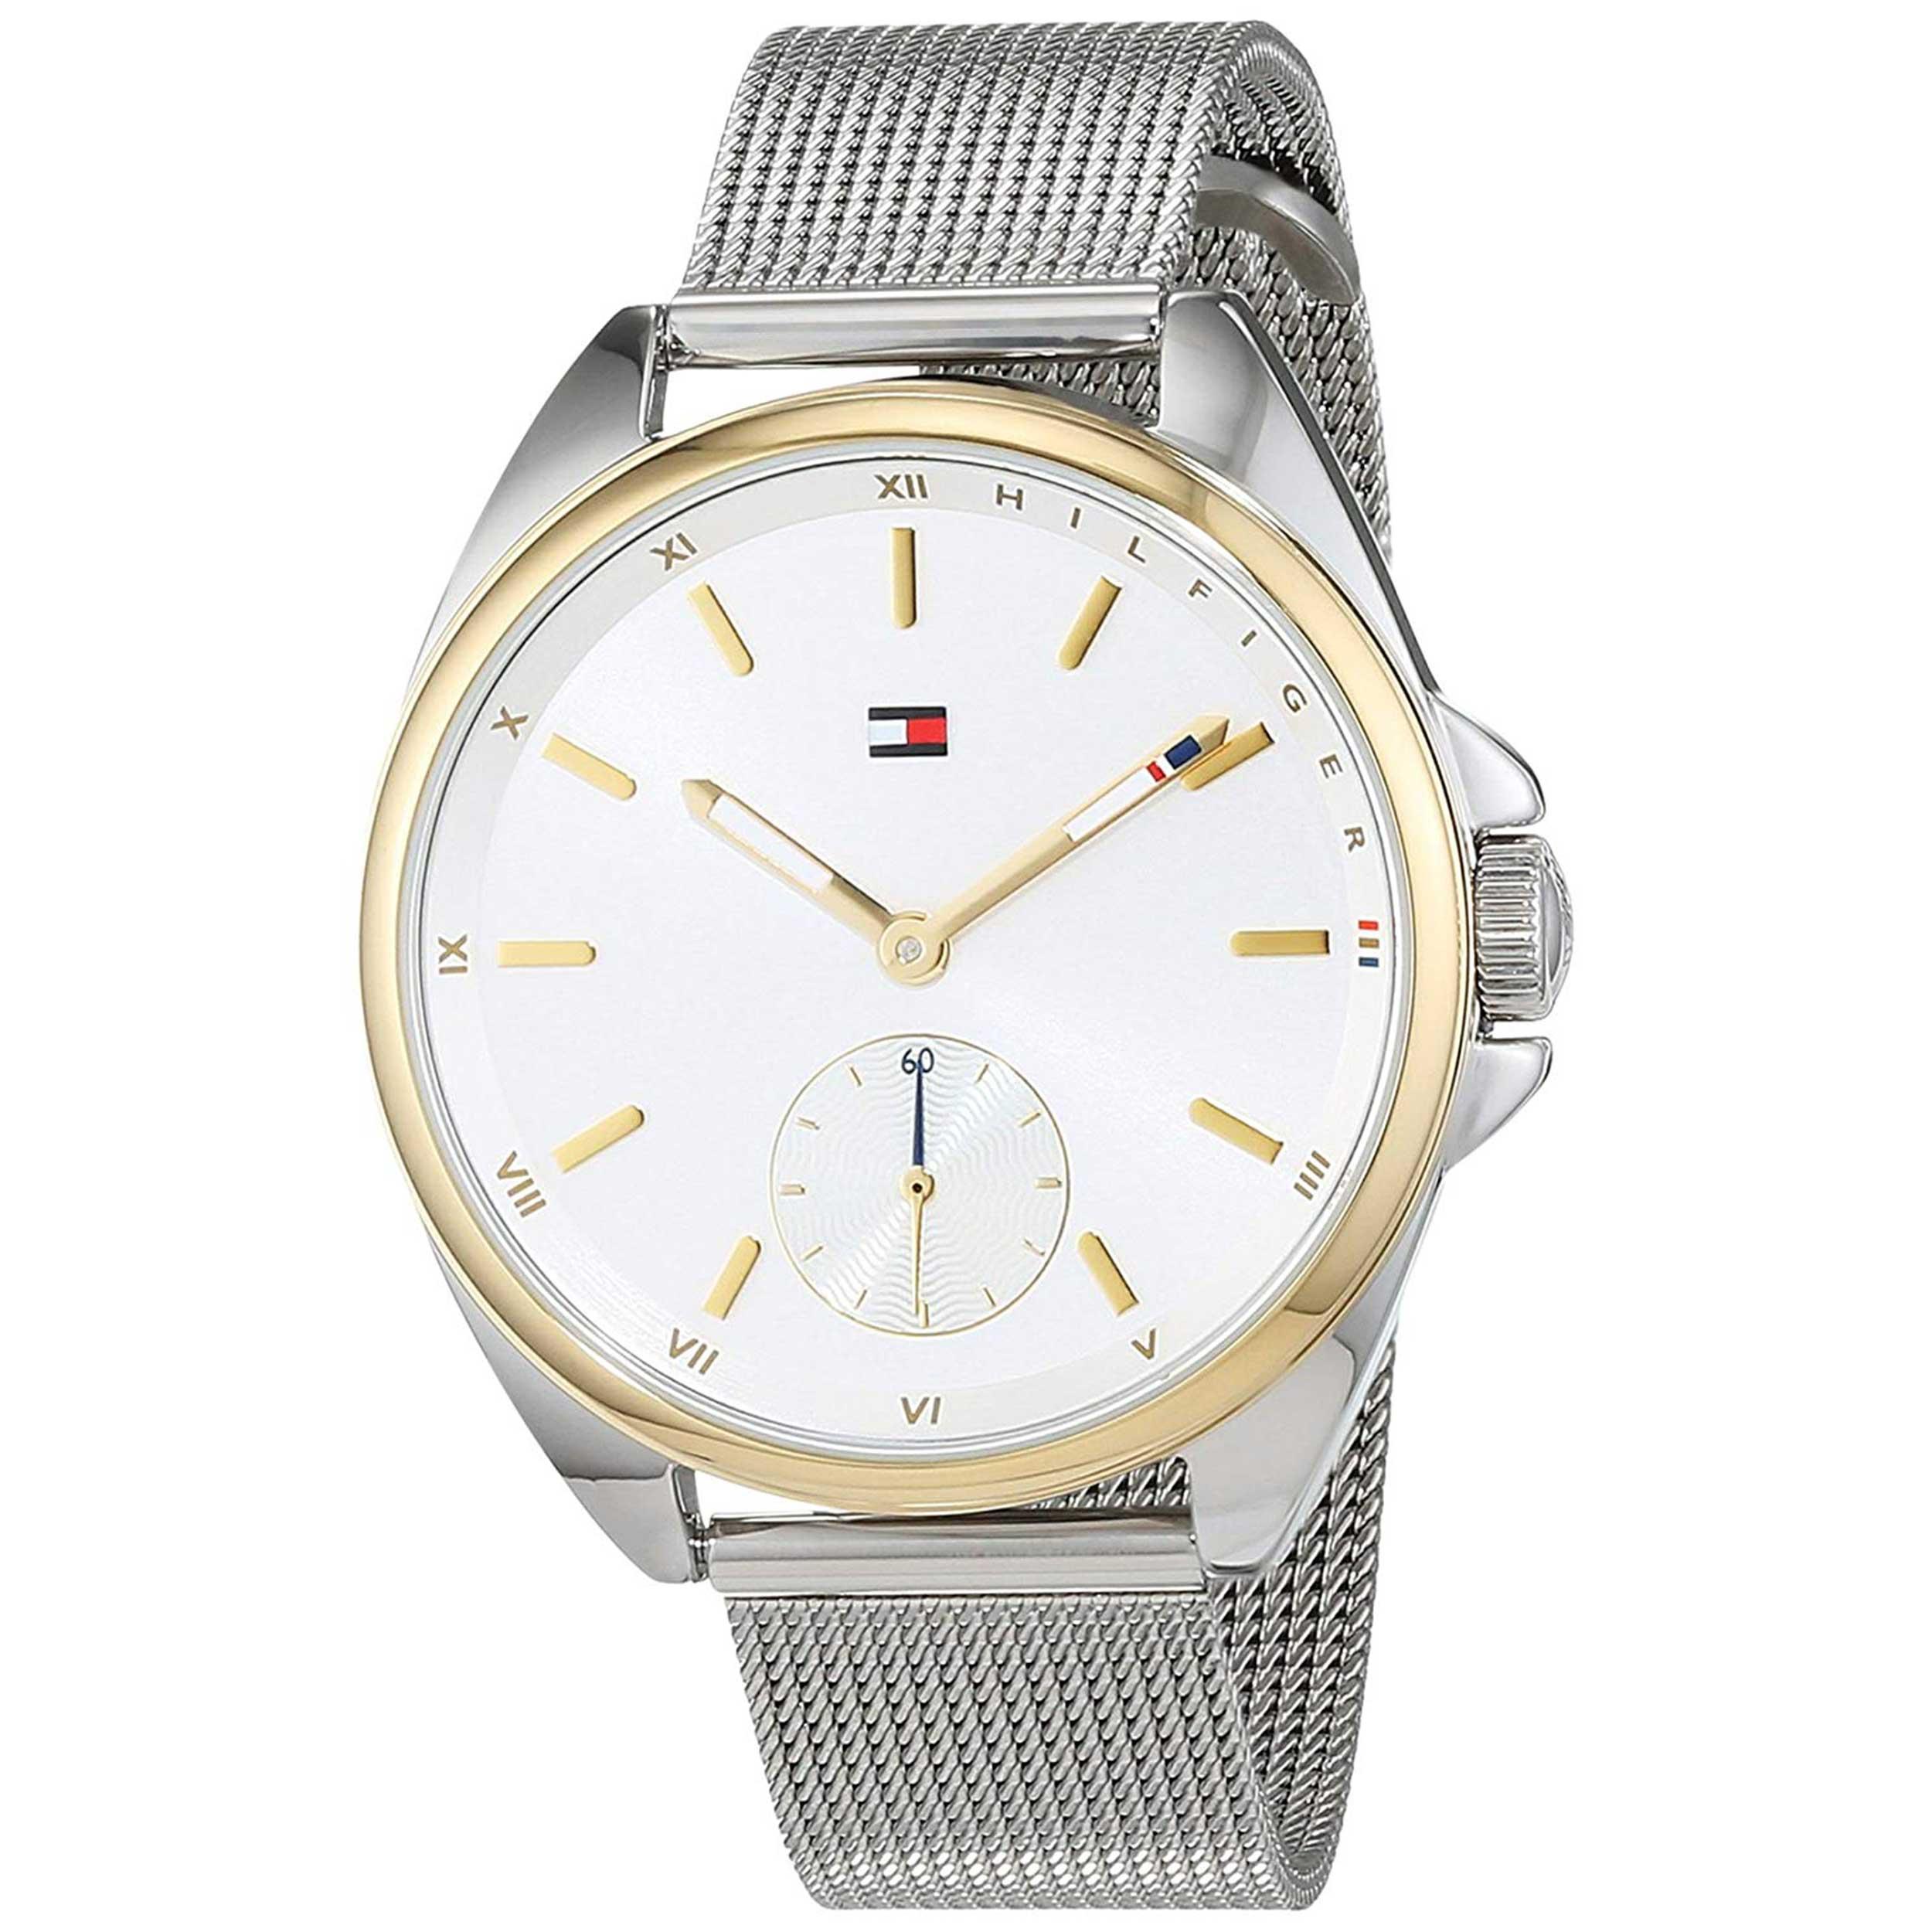 ساعت مچی عقربه ای زنانه تامی هیلفیگر مدل 1781759